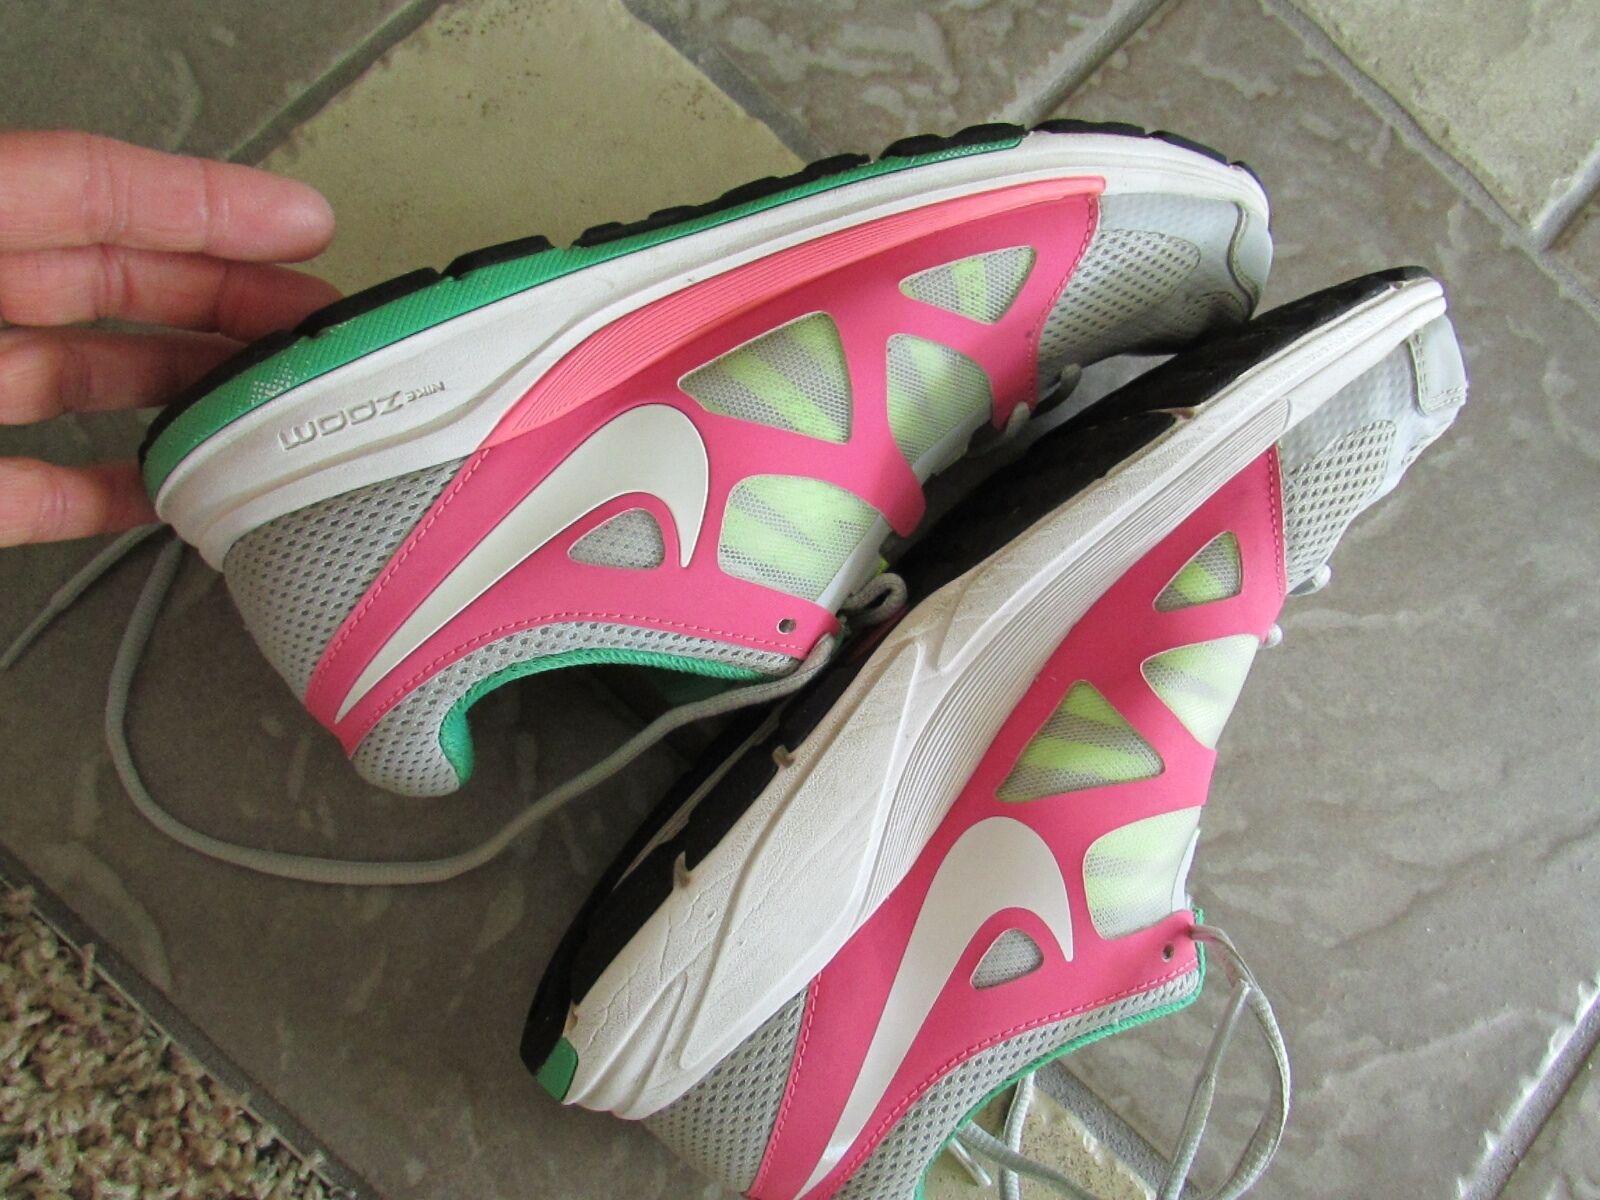 scarpe da ginnastica nike zoom élite femminili 487973 10 10 10 stile:   marchio    Ordine economico    Uomo/Donna Scarpa    Scolaro/Signora Scarpa  be4291